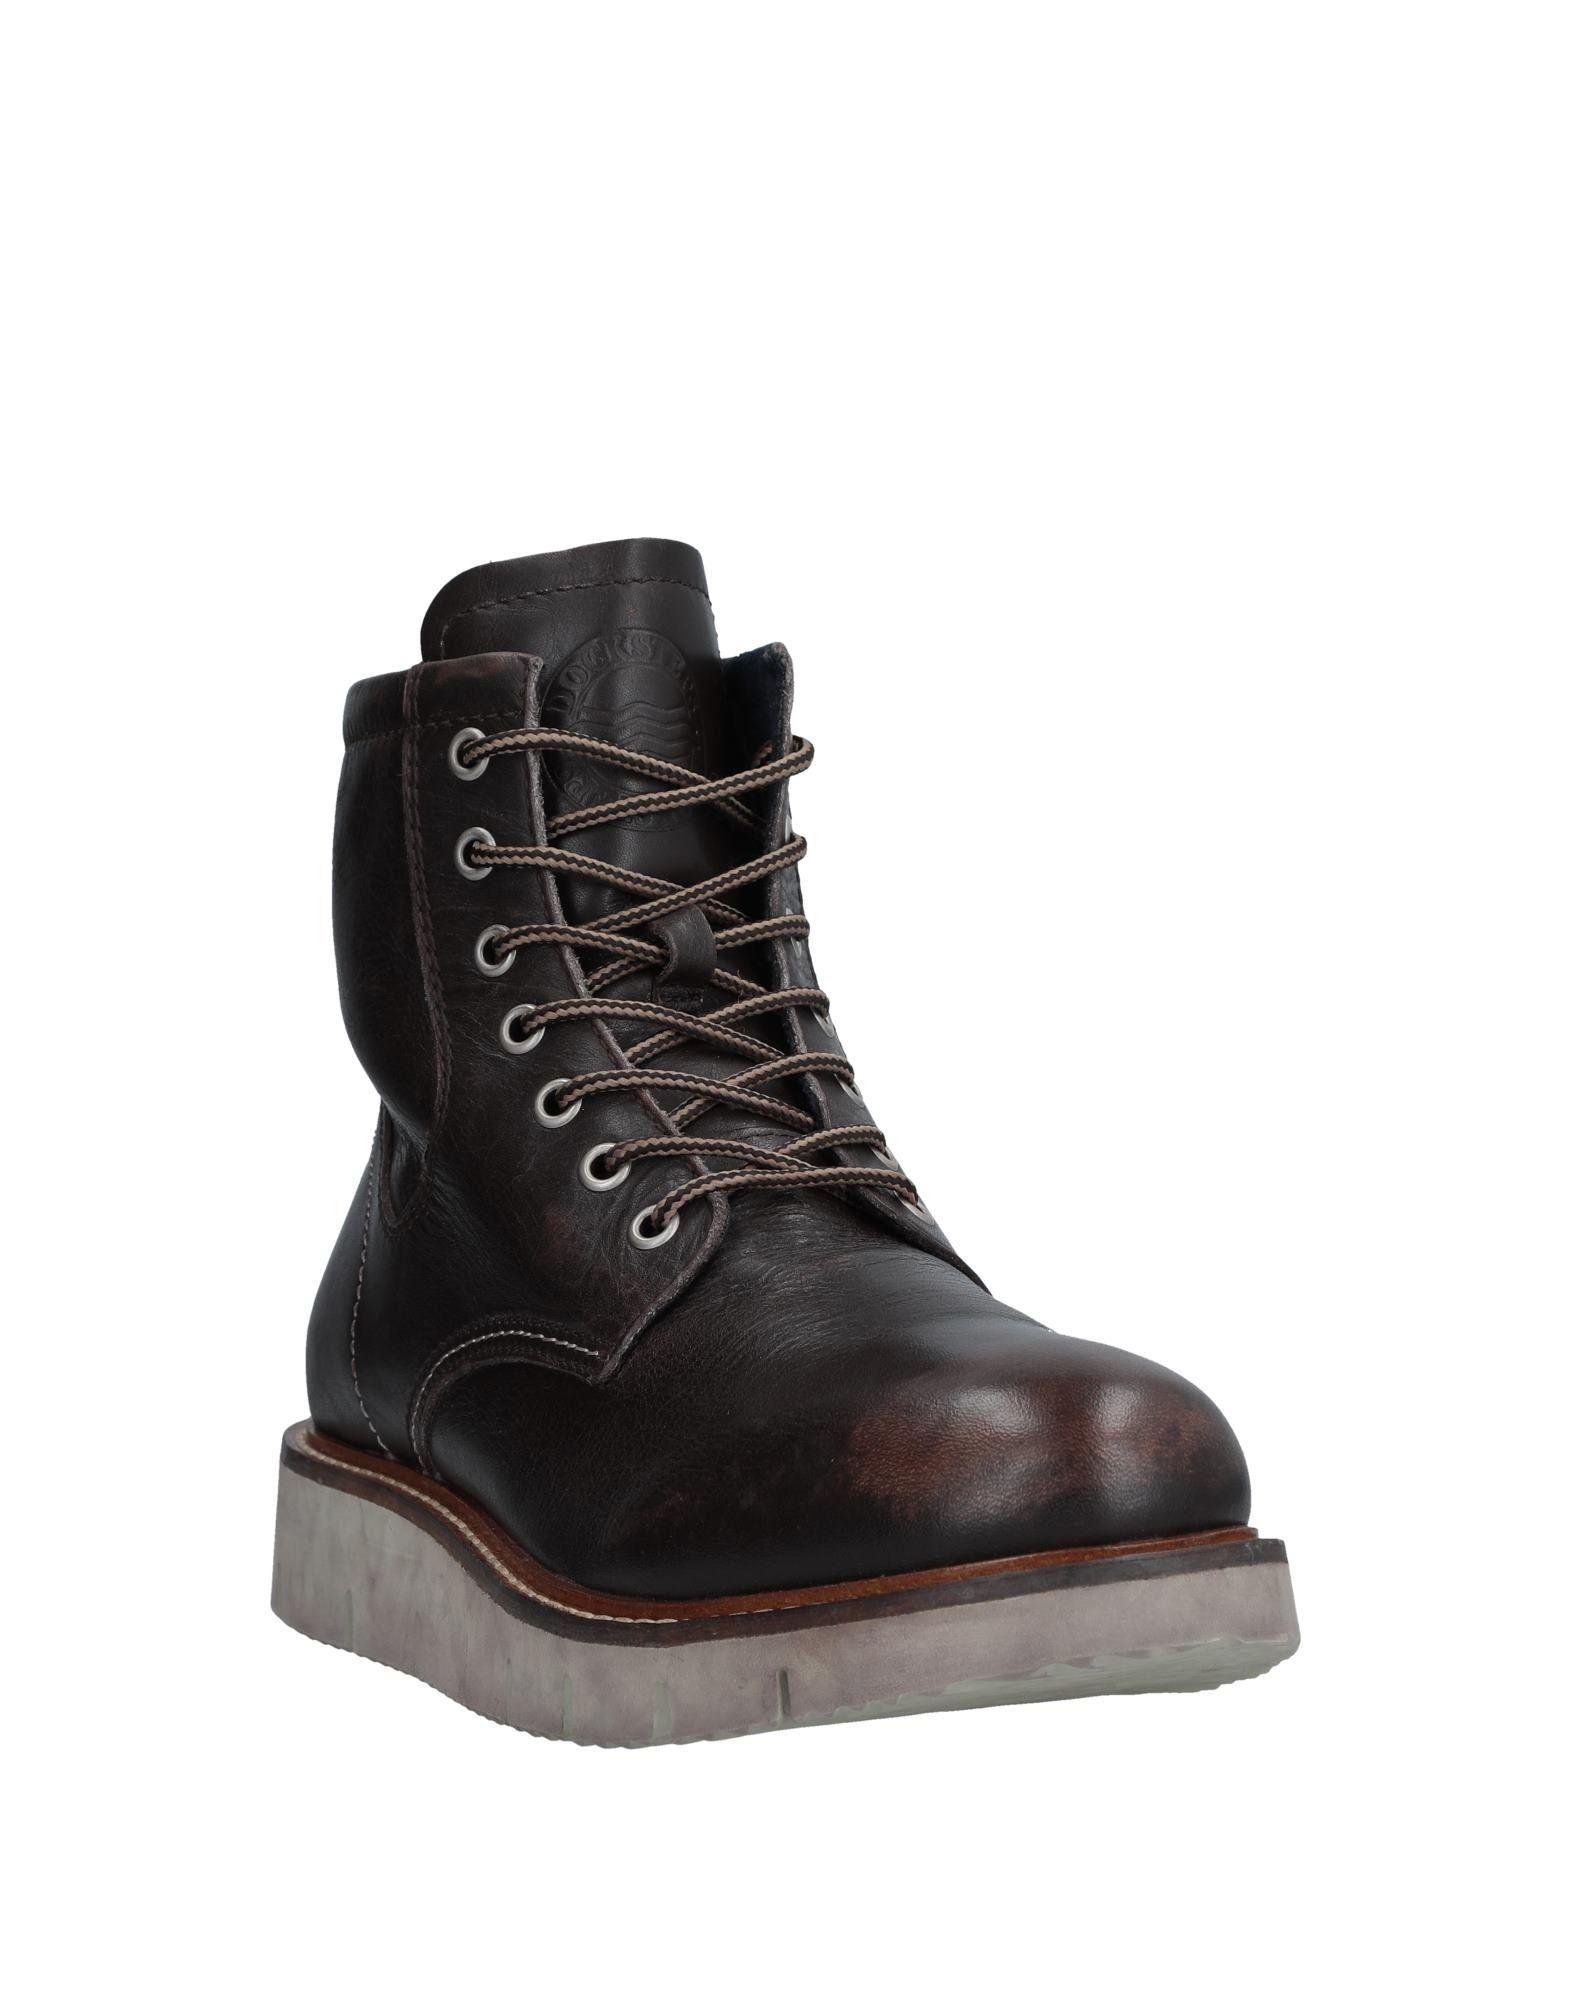 Rabatt Docksteps echte Schuhe Docksteps Rabatt Stiefelette Herren  11538084NV 14b3f5